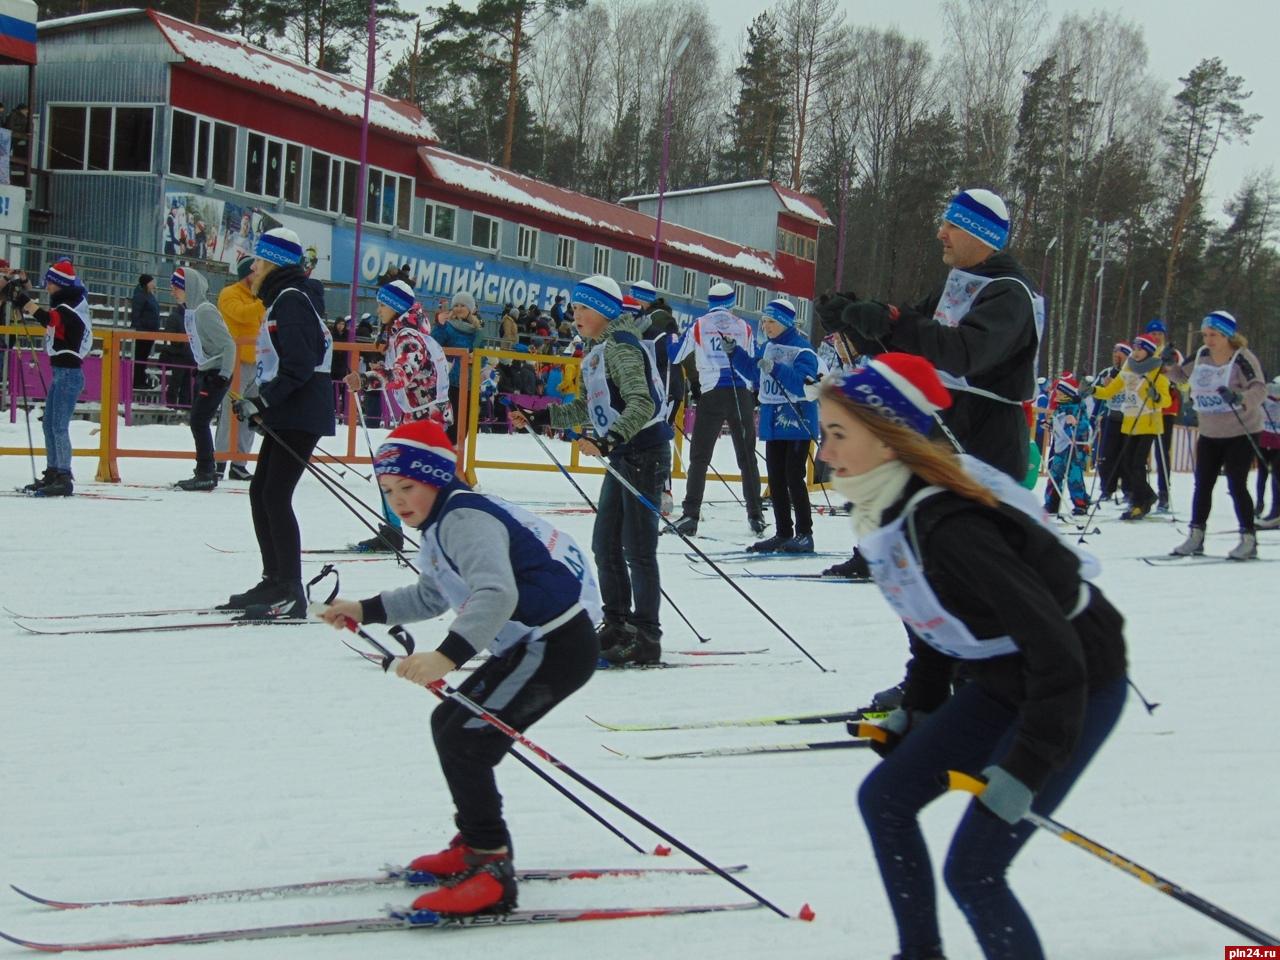 Соревнования по лыжным гонкам пройдут в феврале в Островском районе